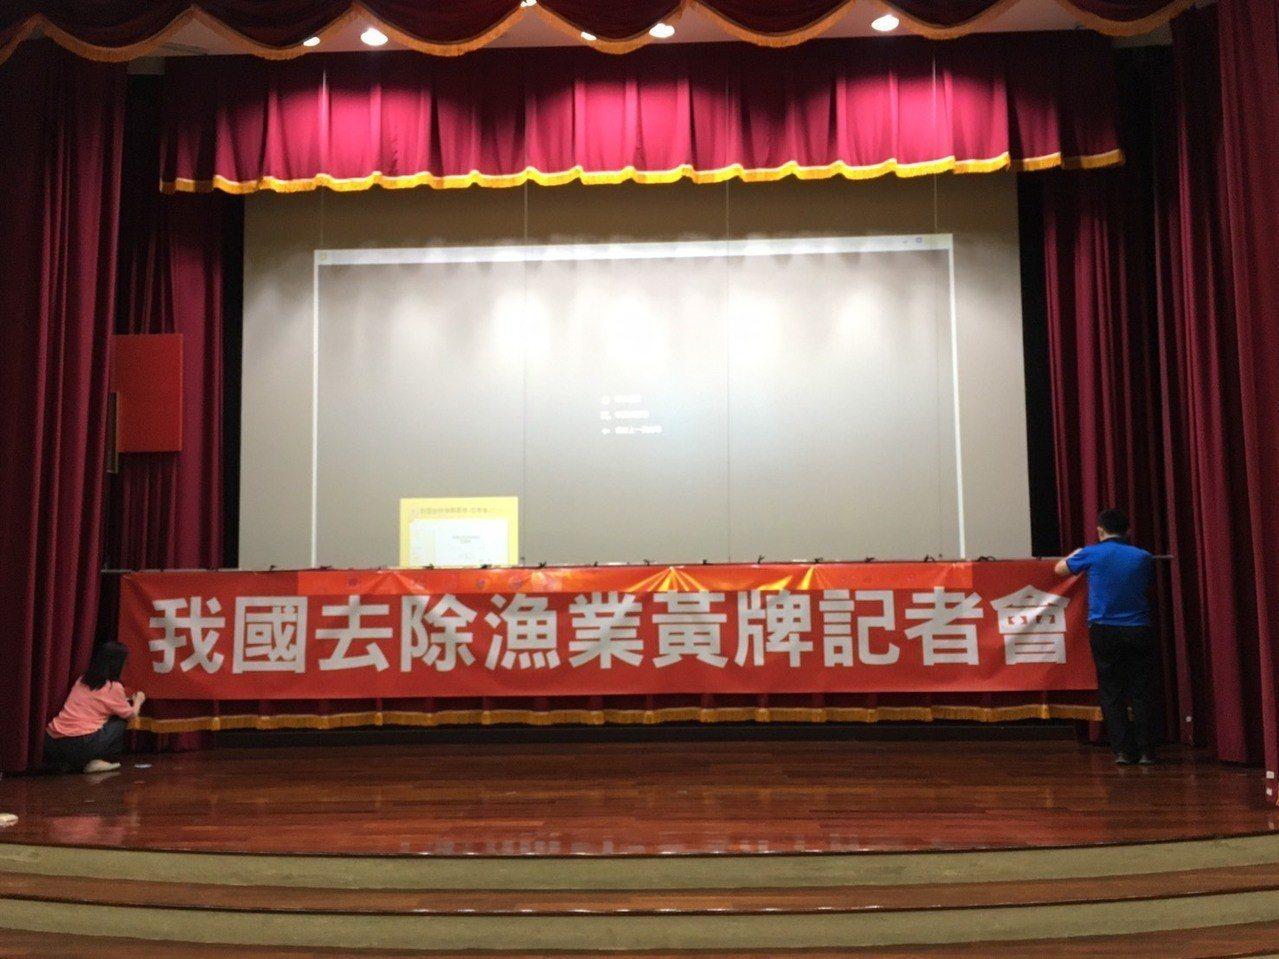 農委會今晚7時將舉辦記者會向外界宣布,我國解除漁業黃牌。記者吳姿賢/攝影